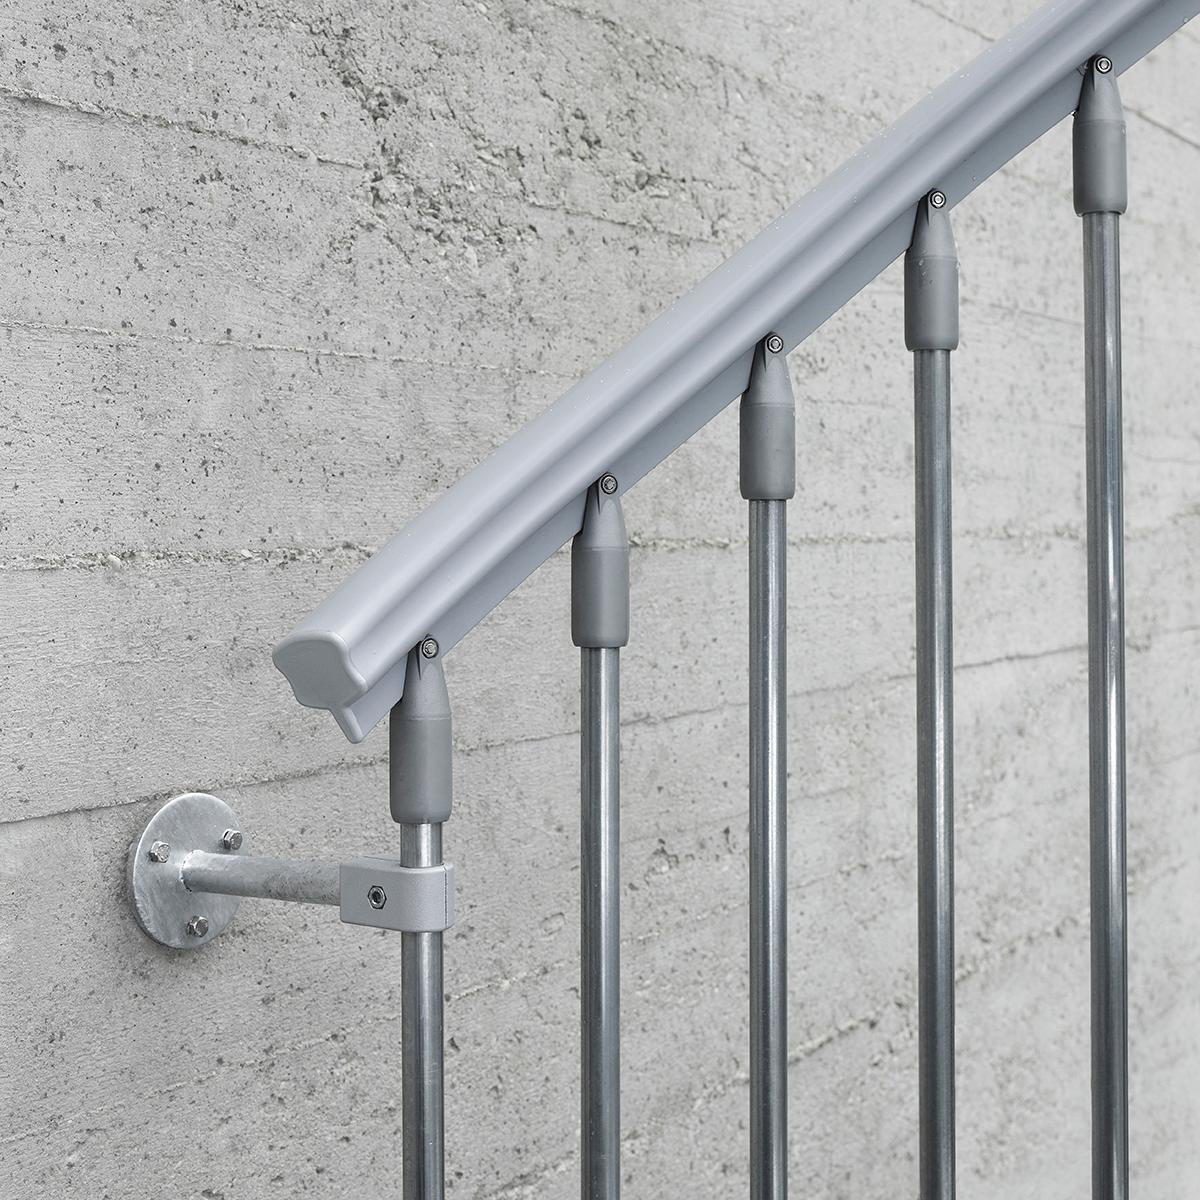 Scala a chiocciola tonda Steel Zink FONTANOT L 120 cm, gradino grigio zincato, struttura grigio zincato - 8